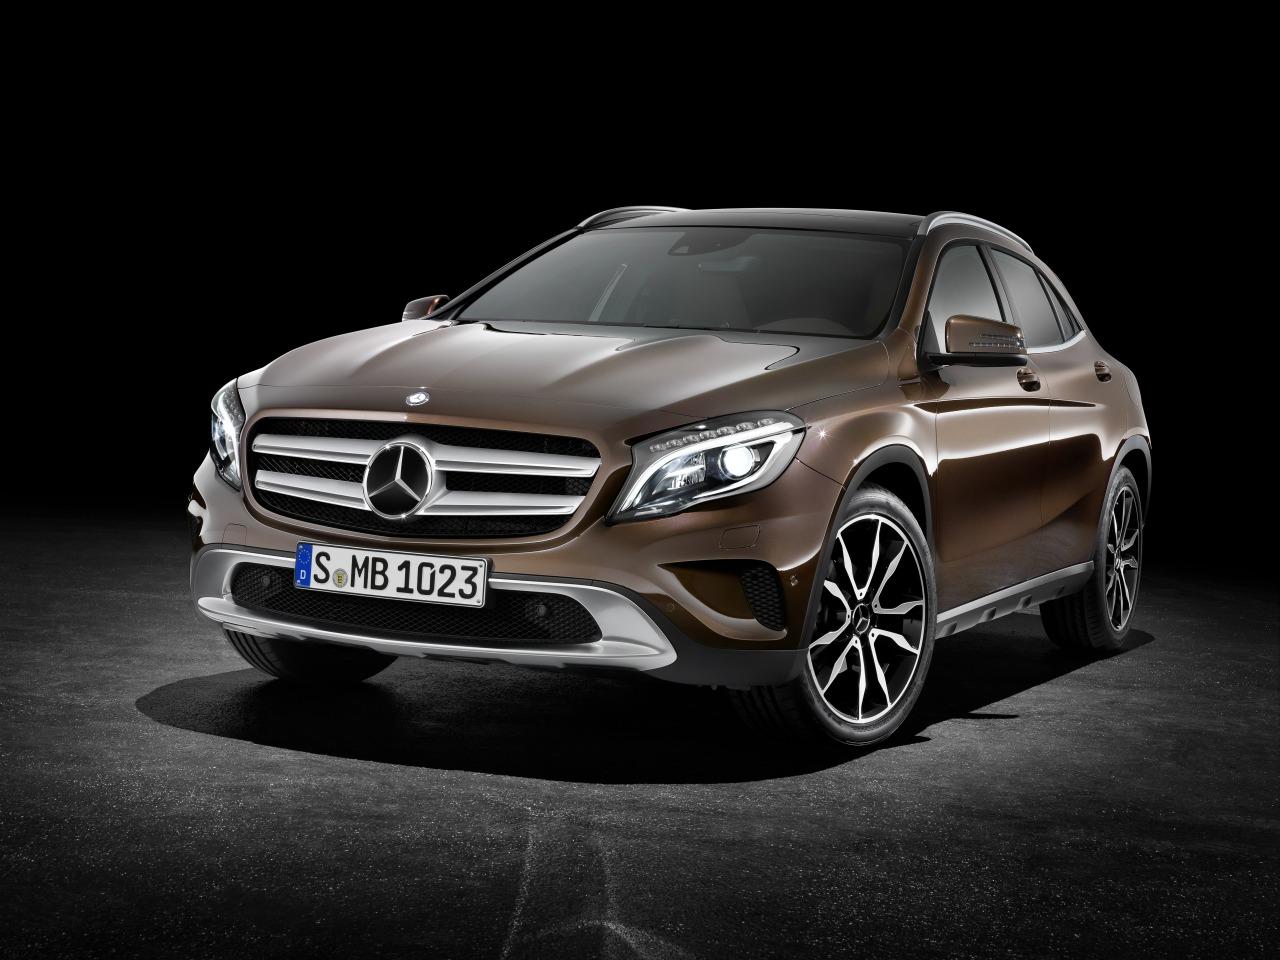 Mercedes-GLA-2014-01.jpg